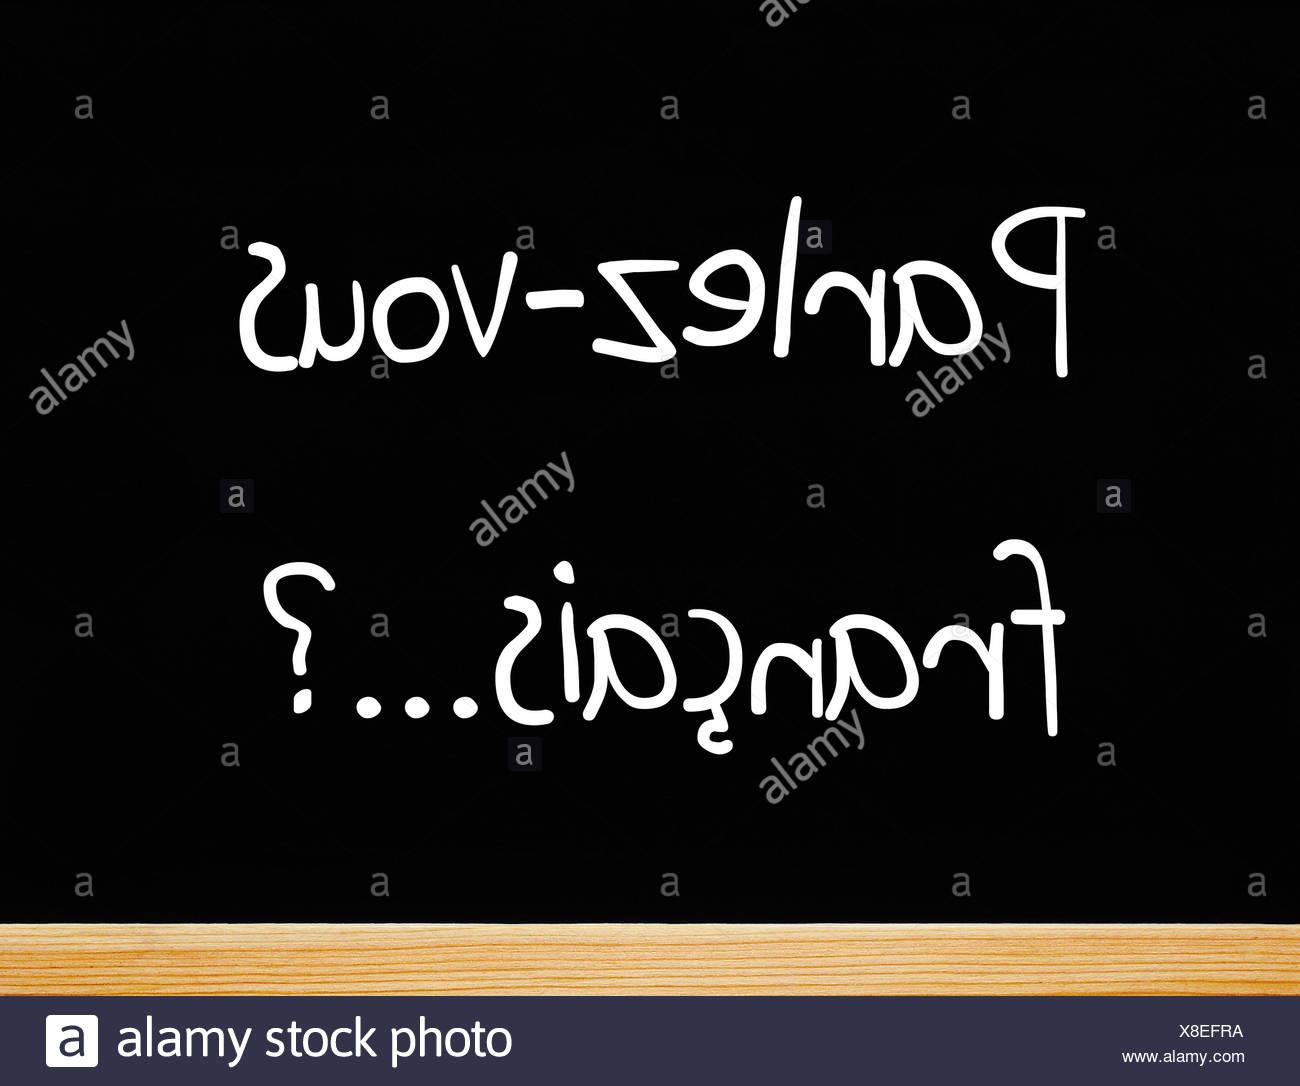 Parlez-vous francais ? Stock Photo